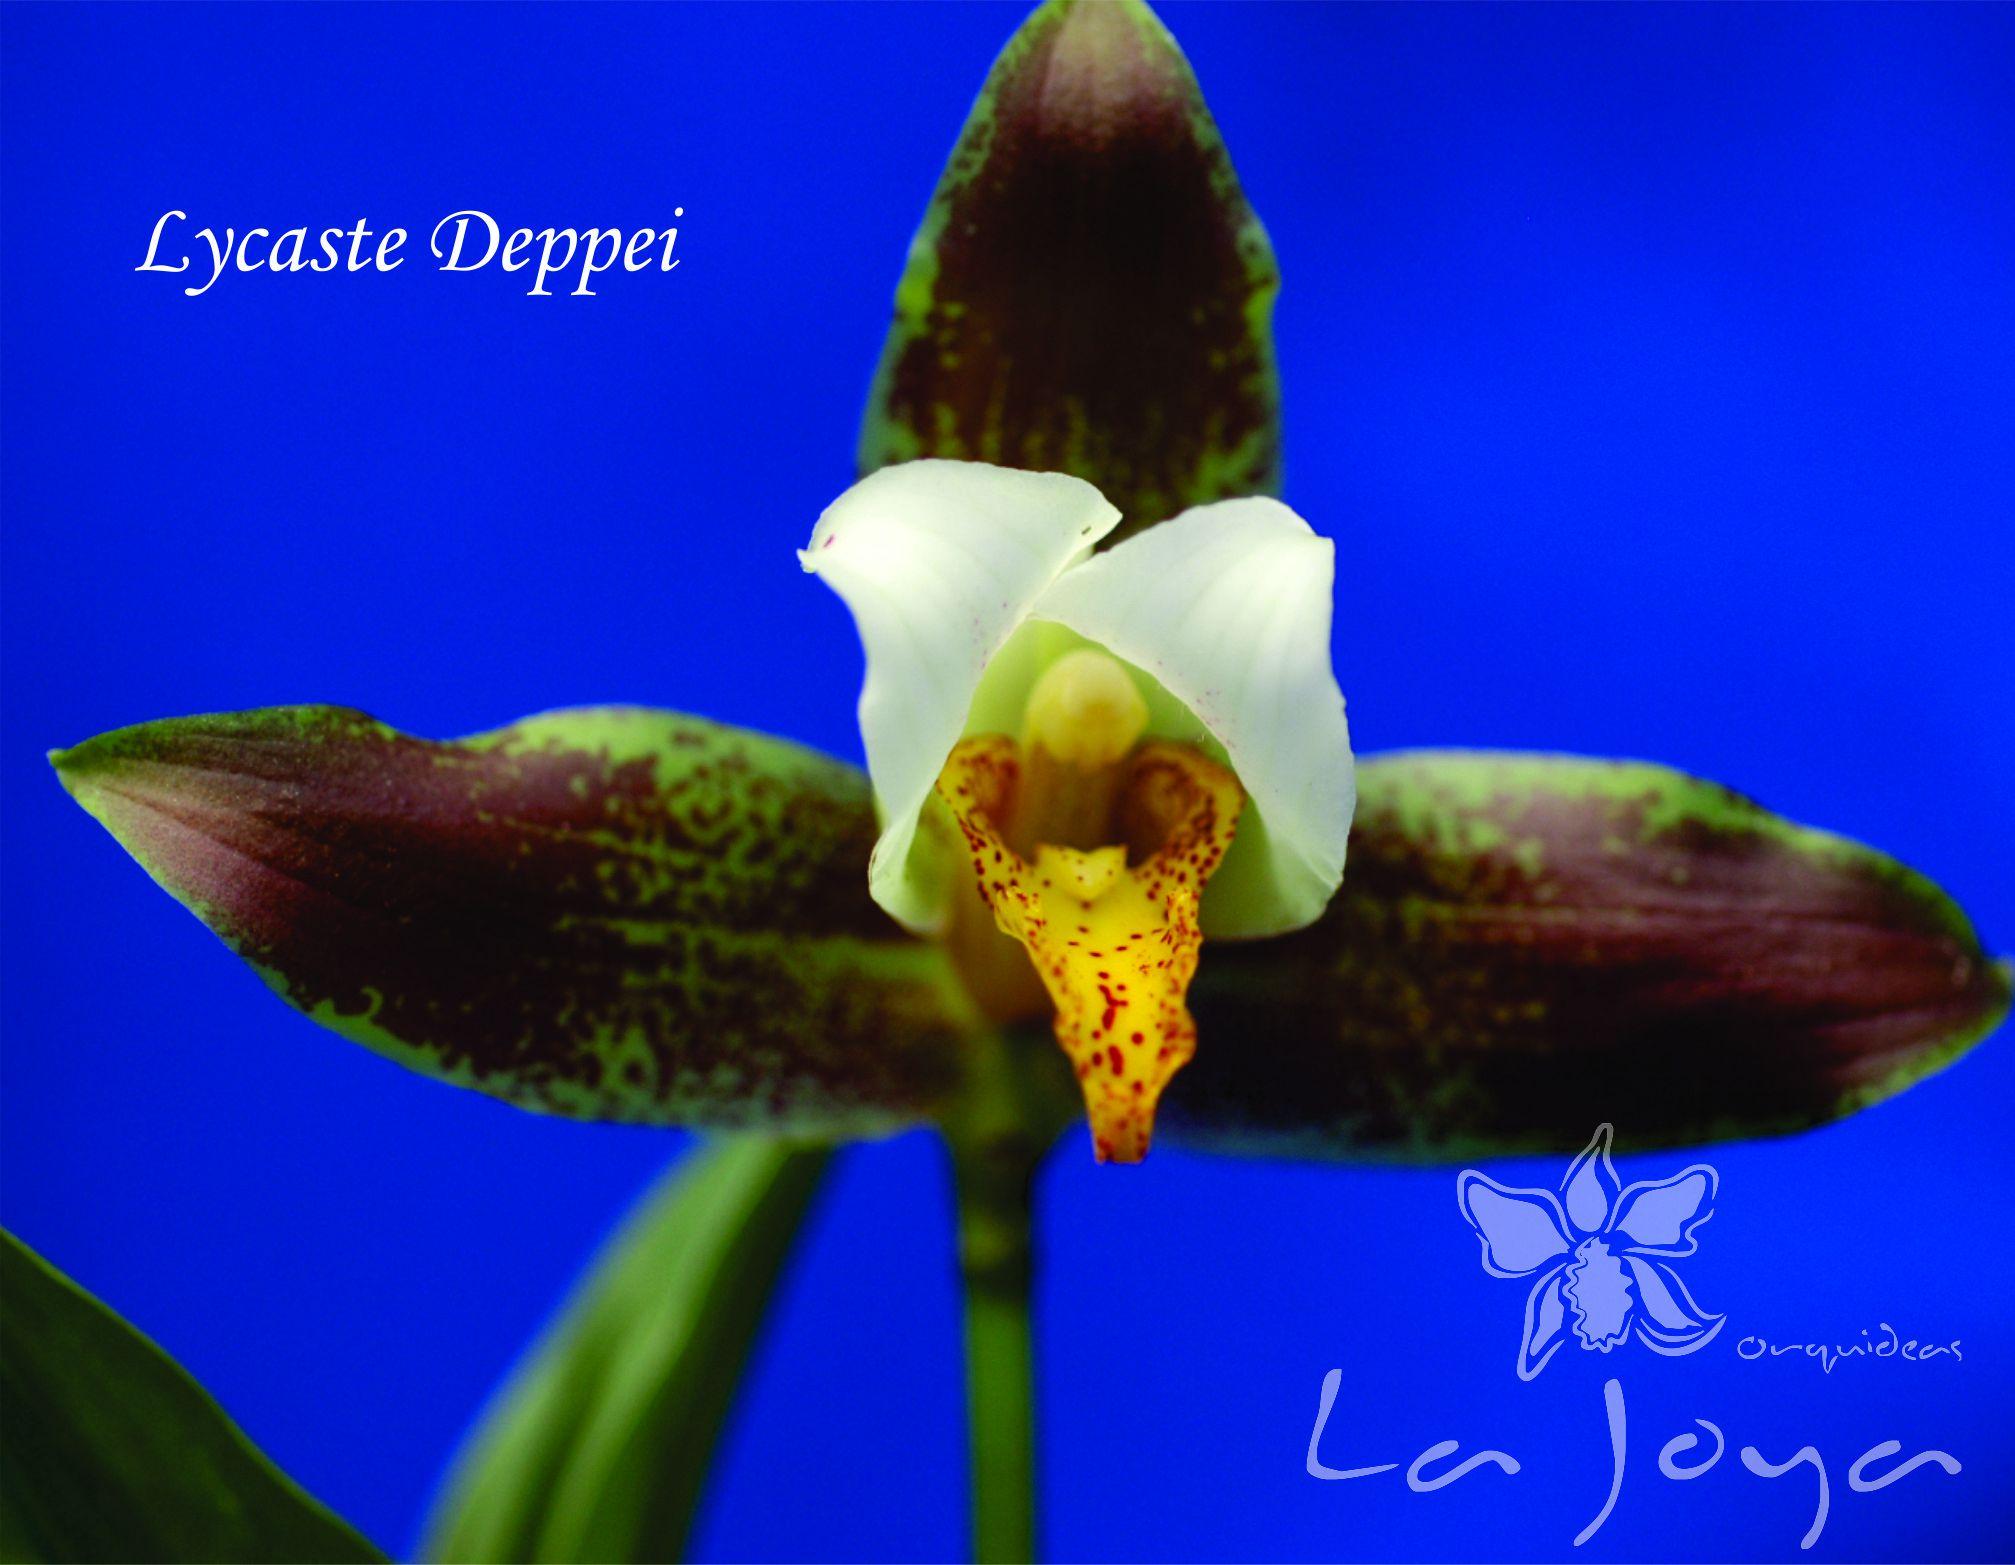 Lycaste Deppei